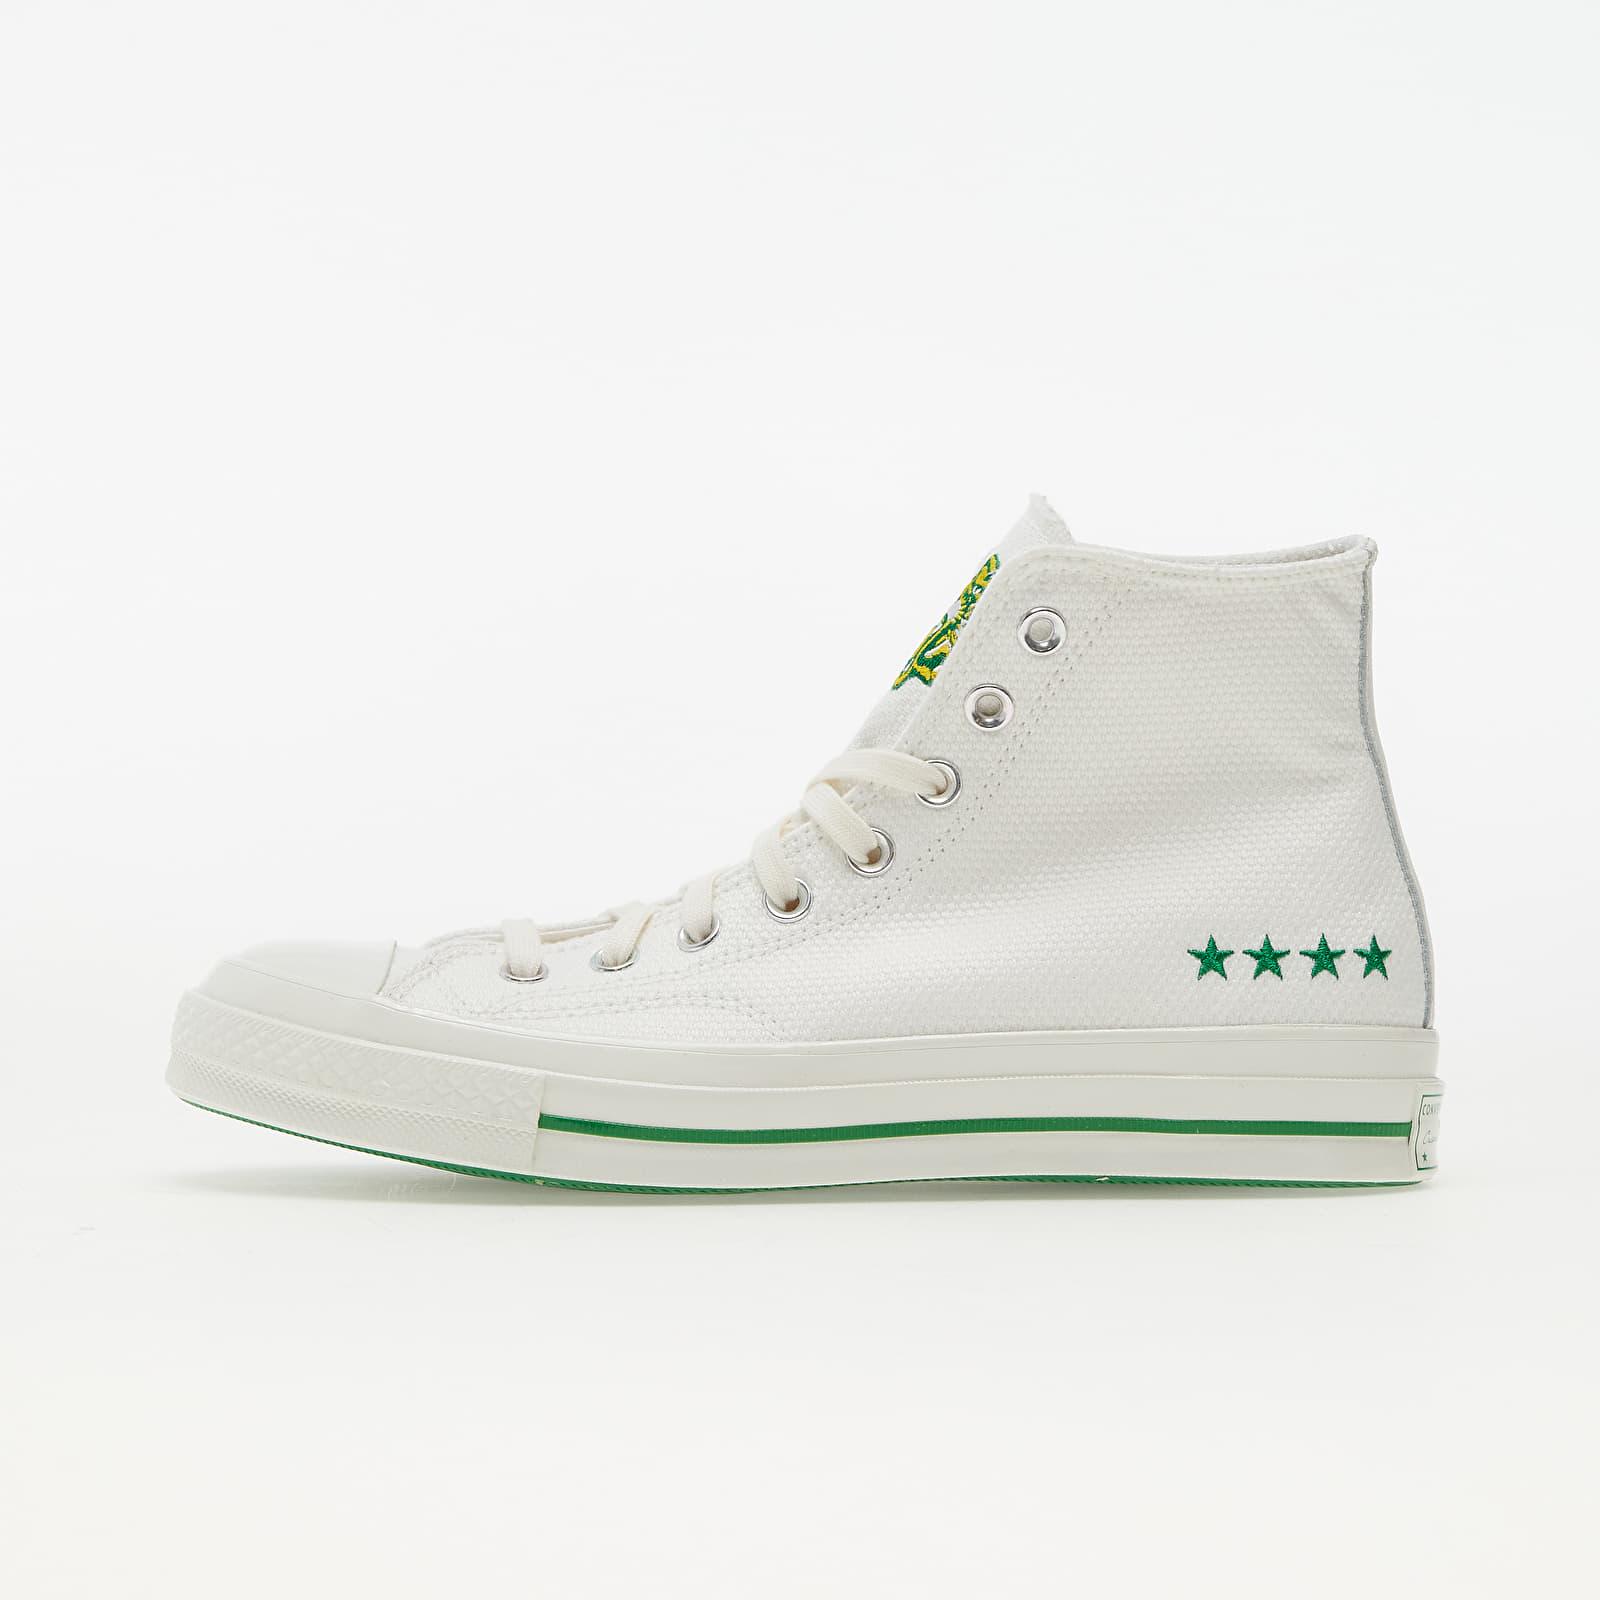 Converse Chuck 70 Vintage White/ Green/ Amarillo | Footshop